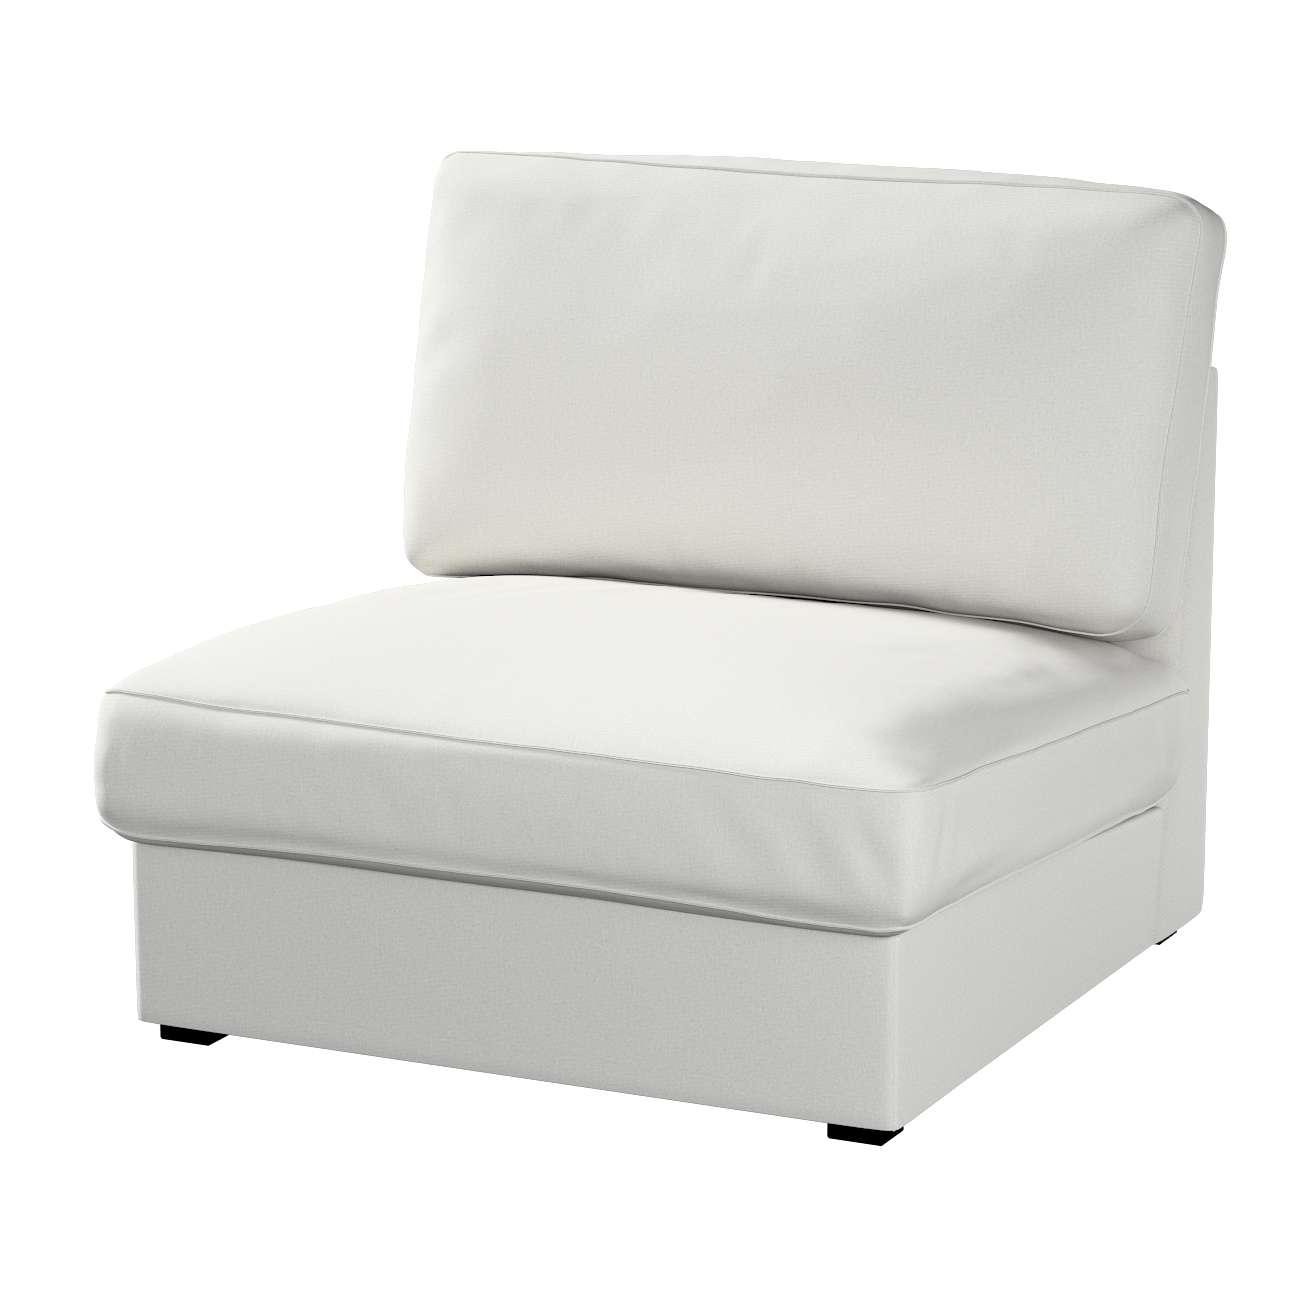 KIVIK fotelio/vienvietės dalies užvalkalas Kivik armchair kolekcijoje Etna , audinys: 705-90